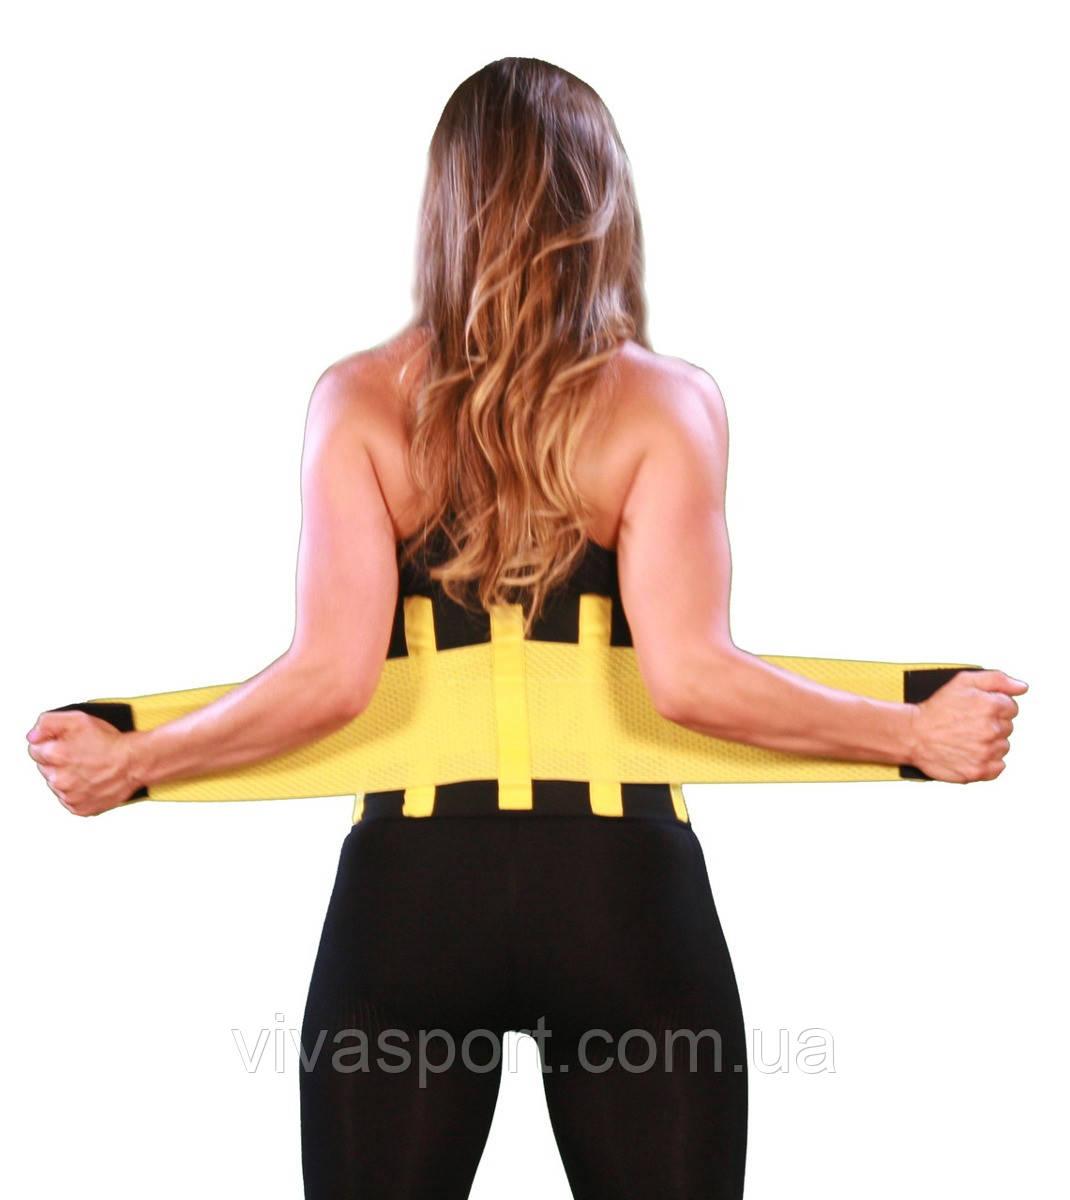 Пояс для похудения Hot belt power, неопреновый пояс Хот белт павер